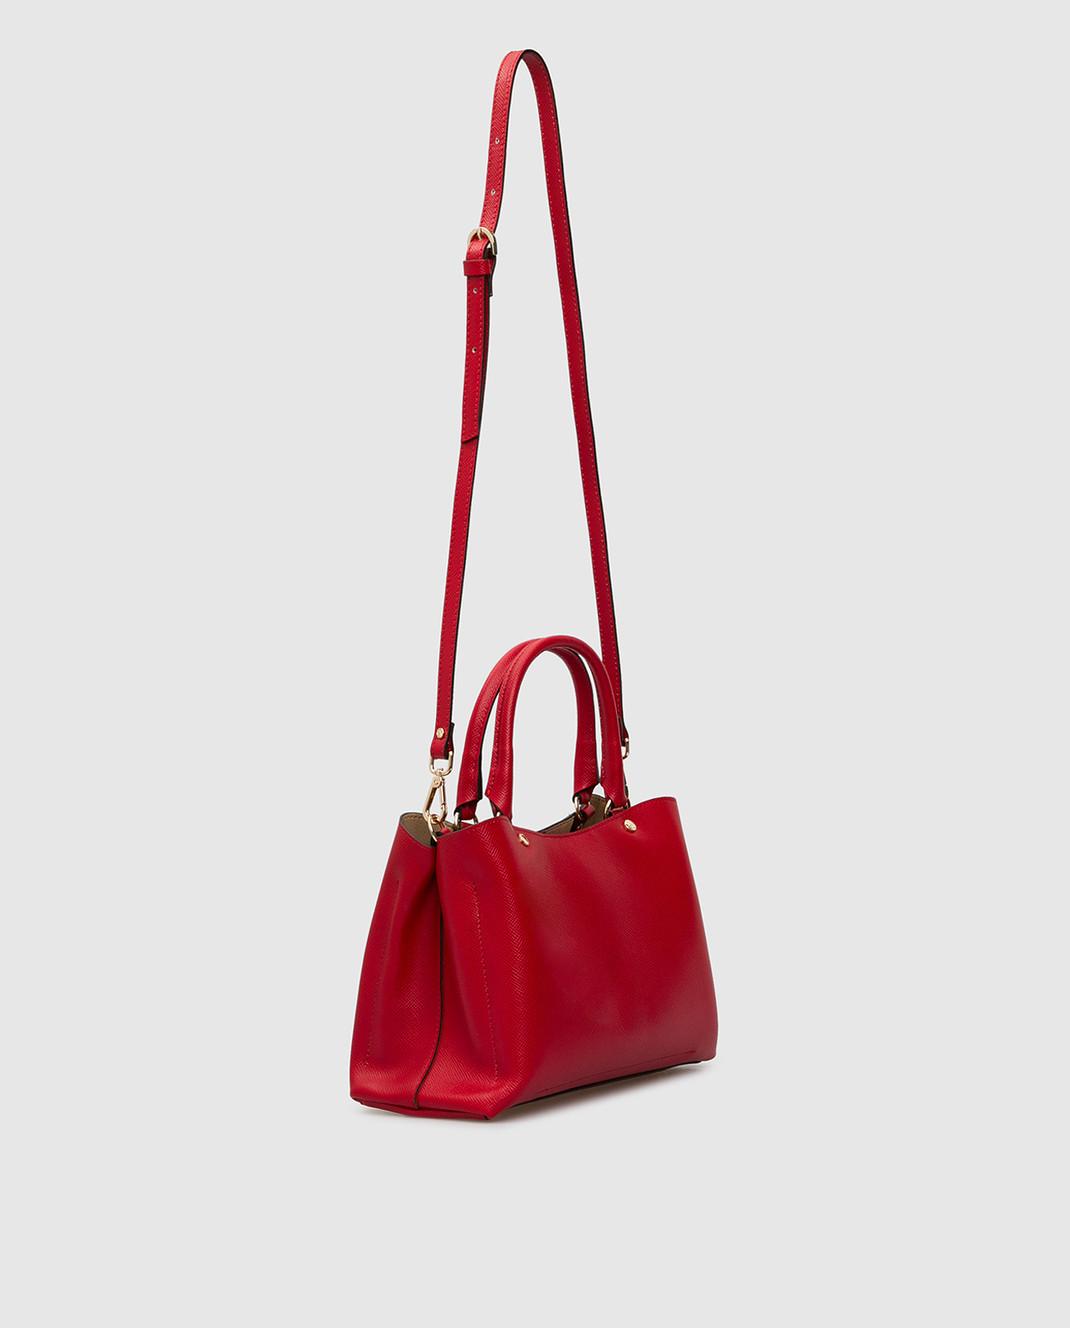 Gianni Notaro Красная кожаная сумка изображение 3